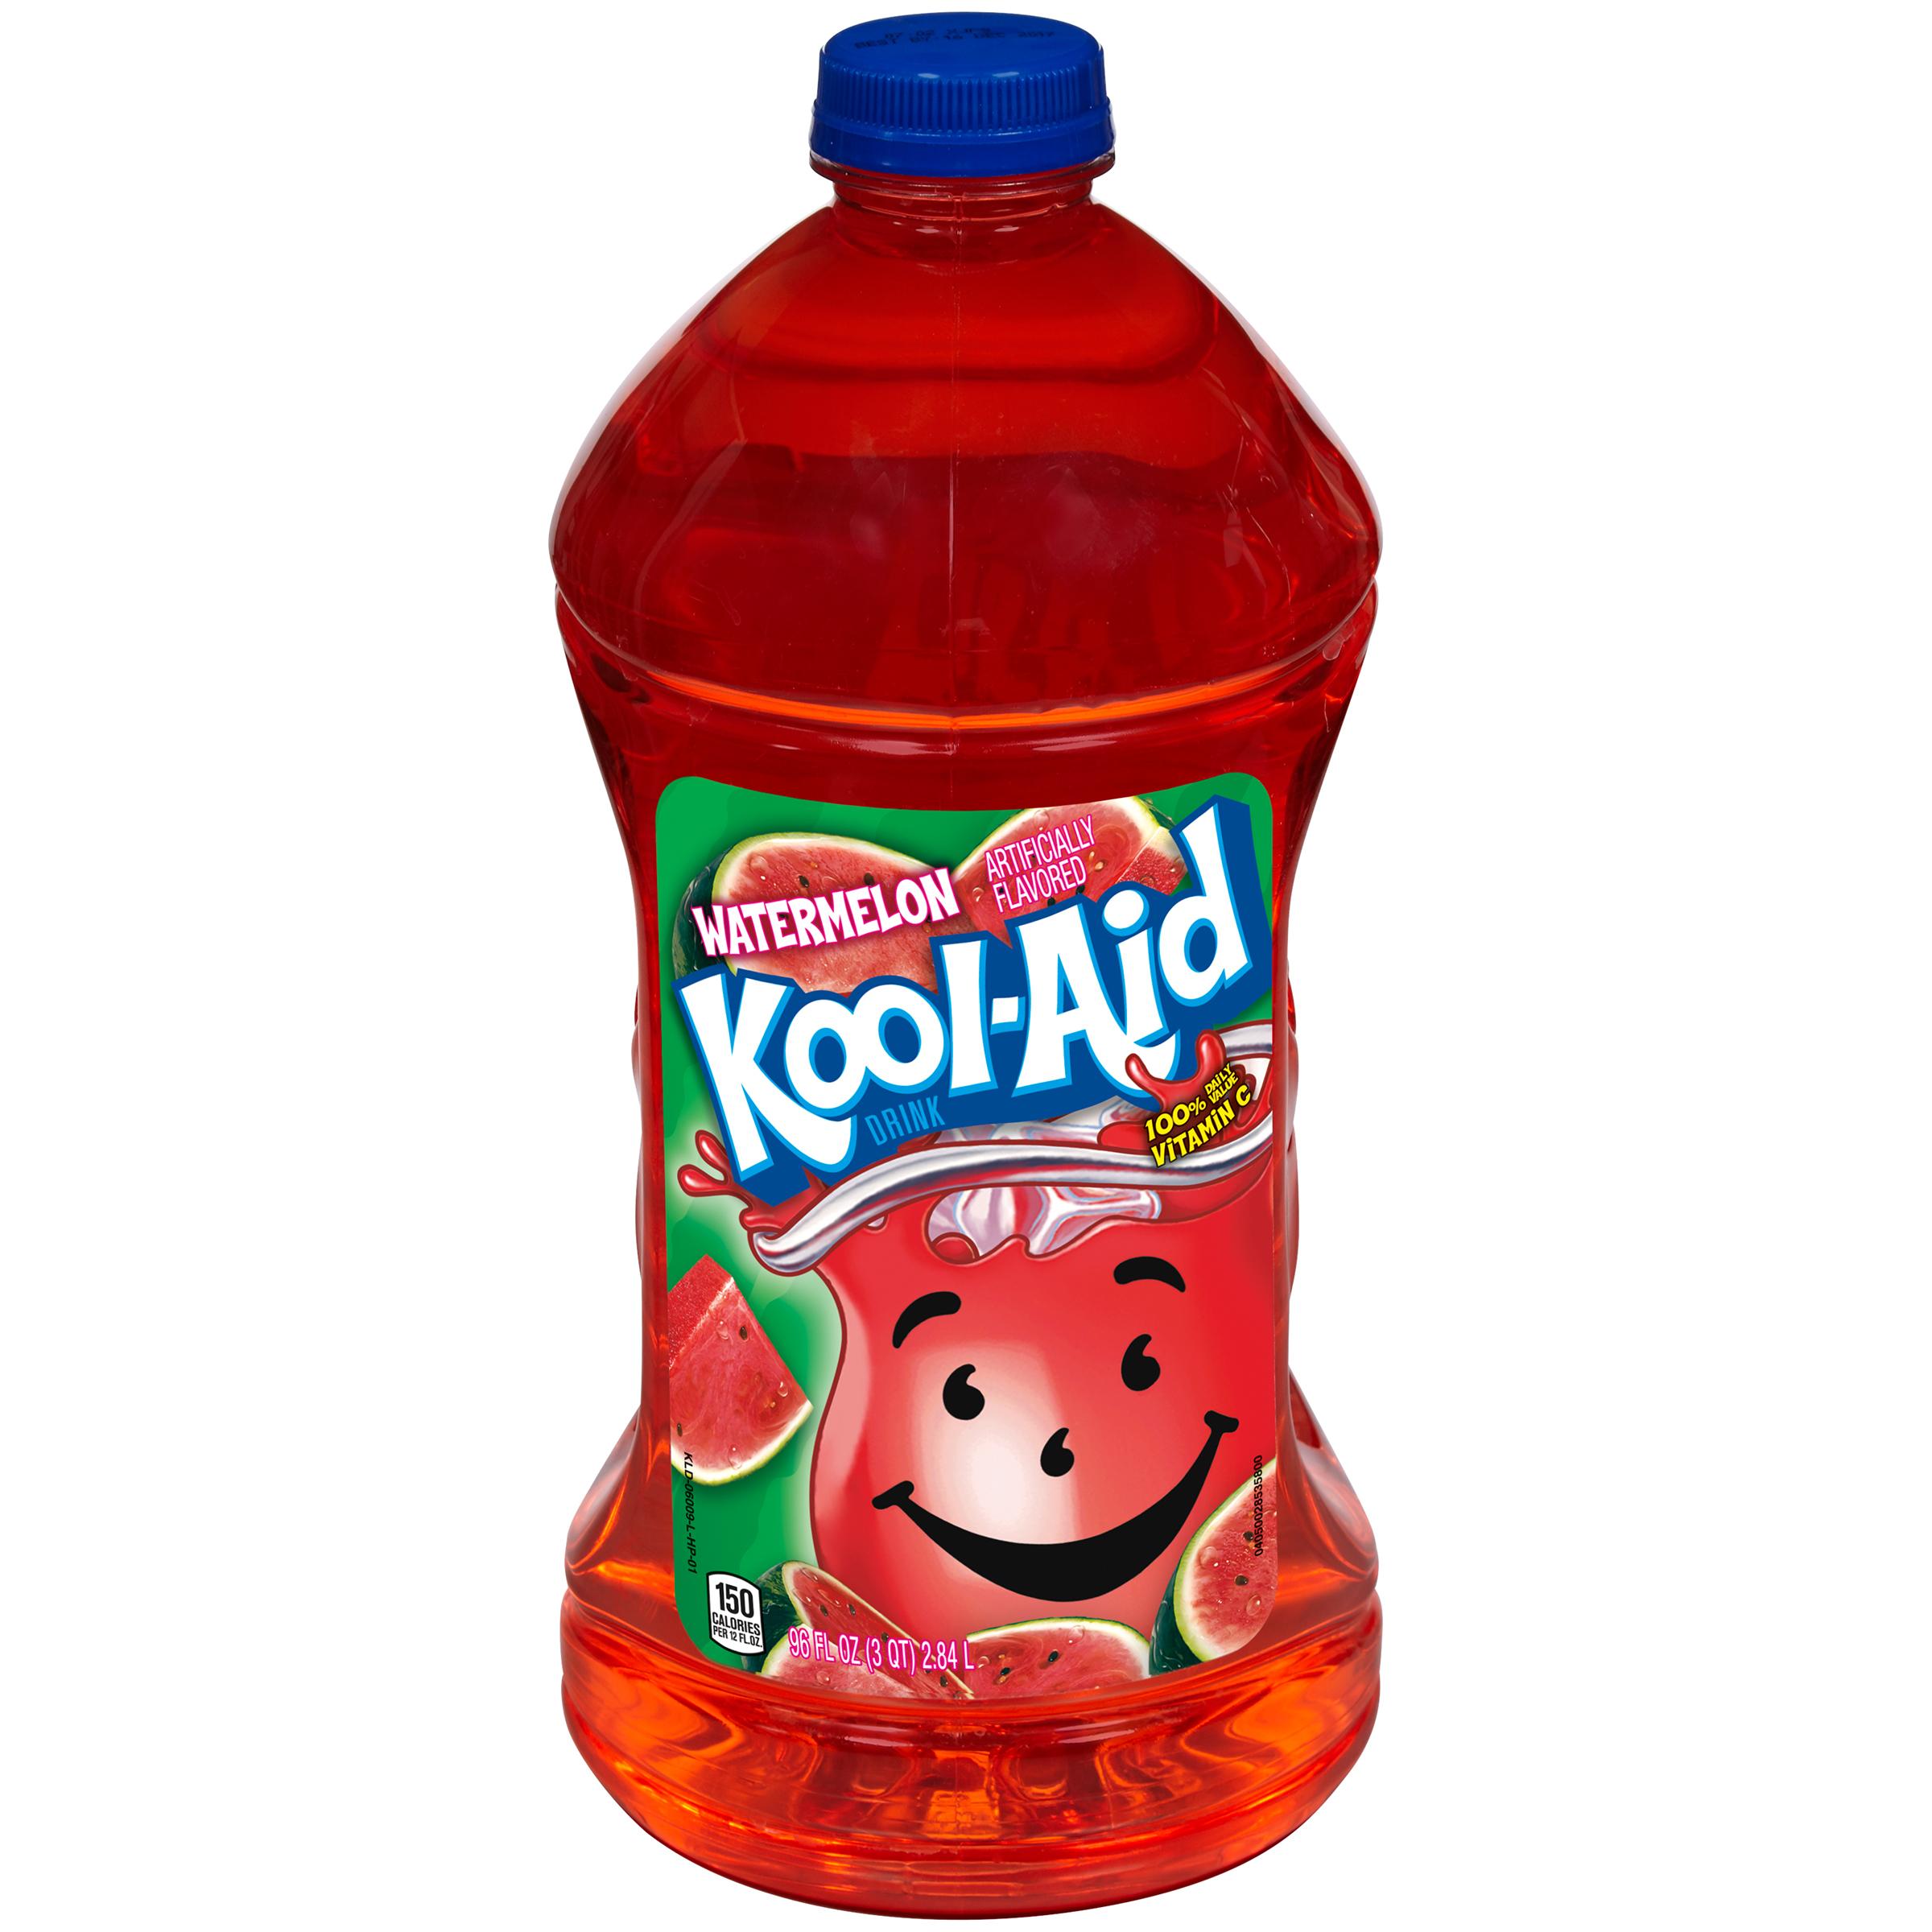 Kool-Aid Watermelon Drink 96 fl. oz. Bottle image